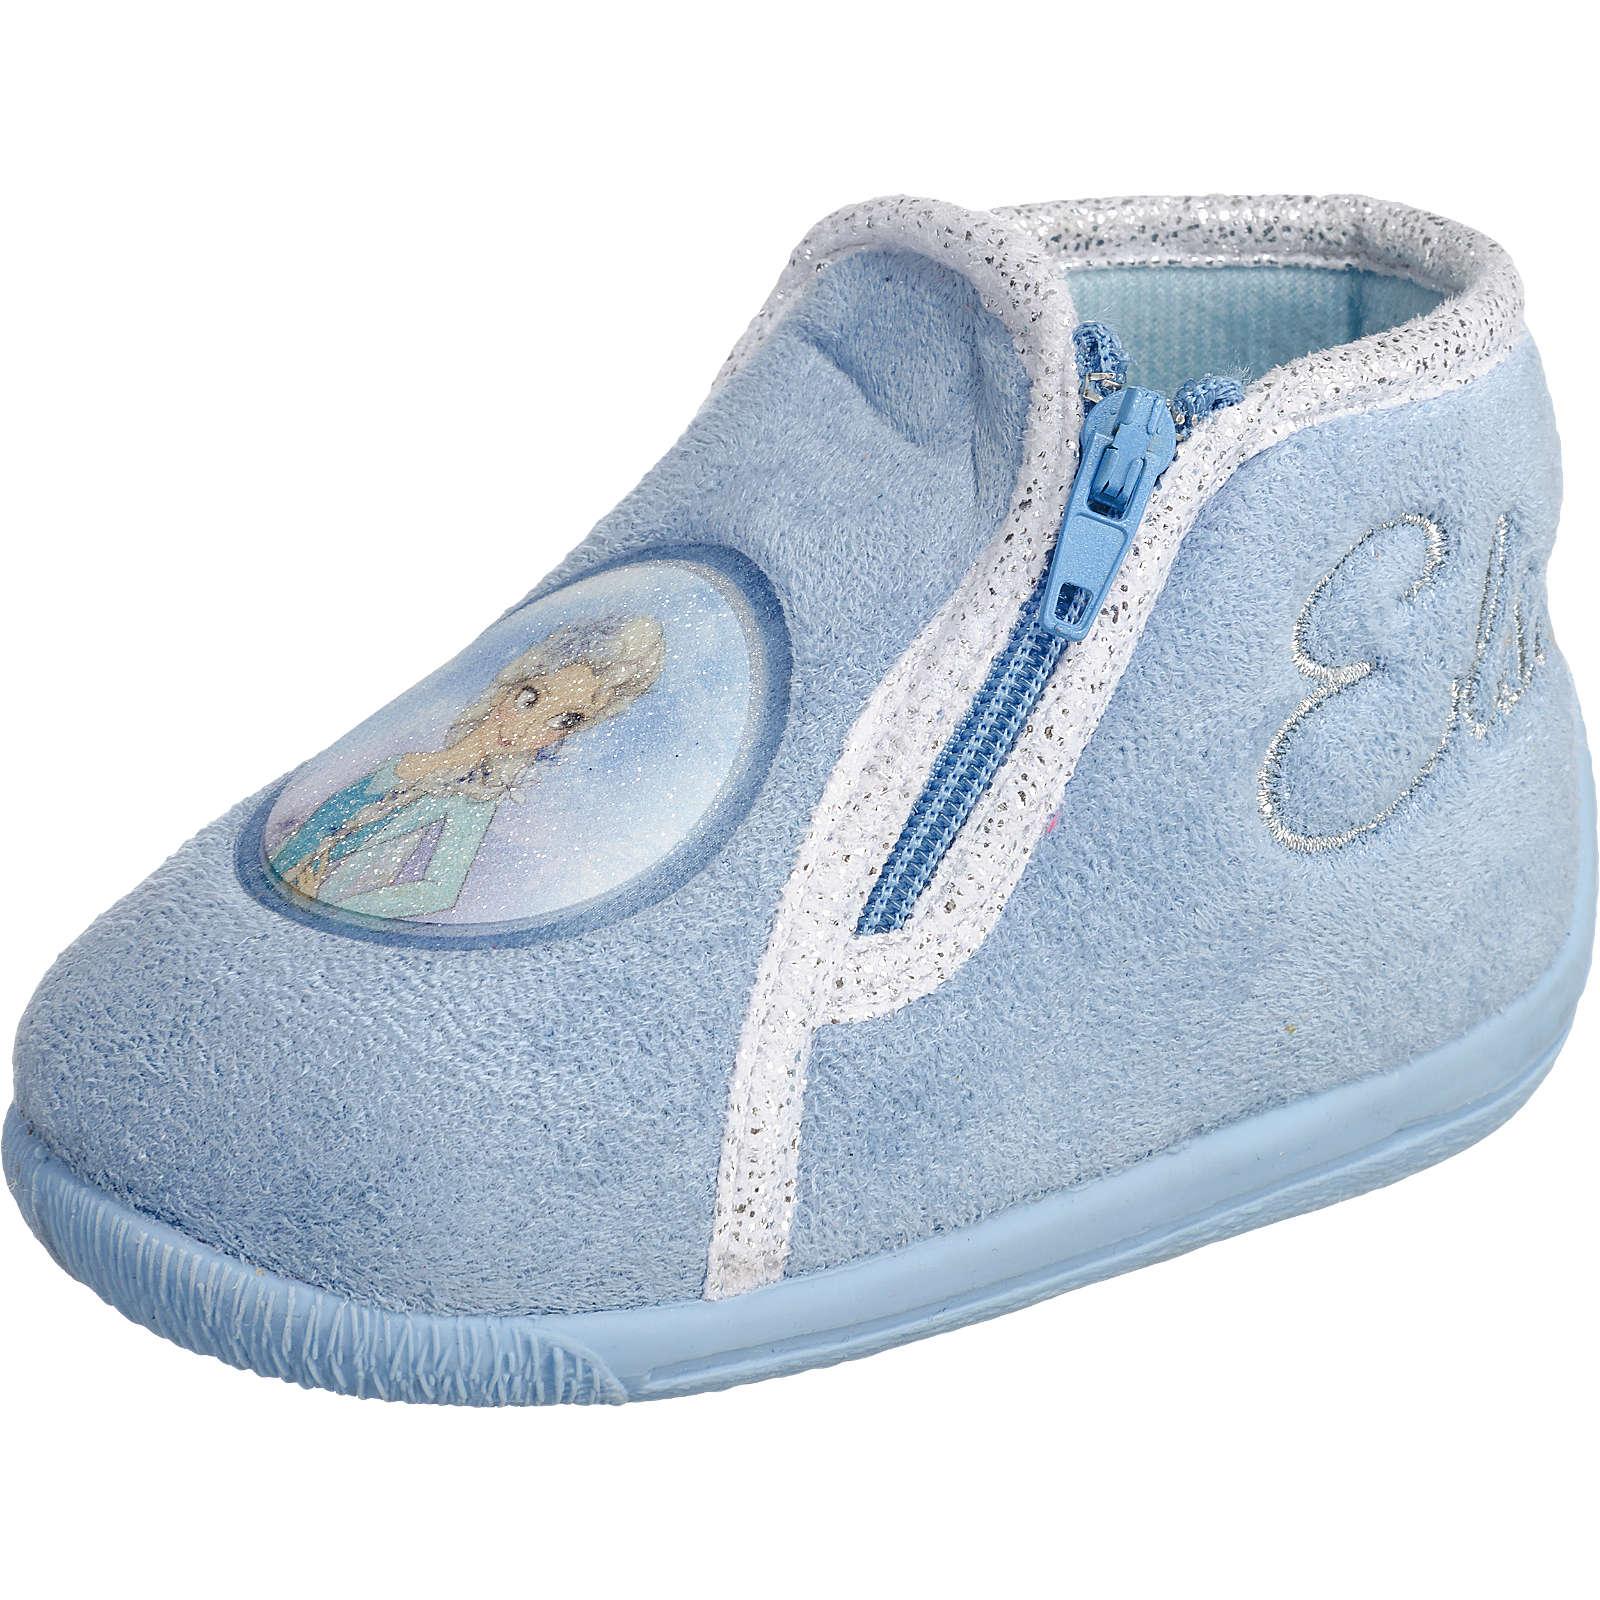 DISNEY DIE EISK–NIGIN Kinder Hausschuhe hellblau Mädchen Gr 21